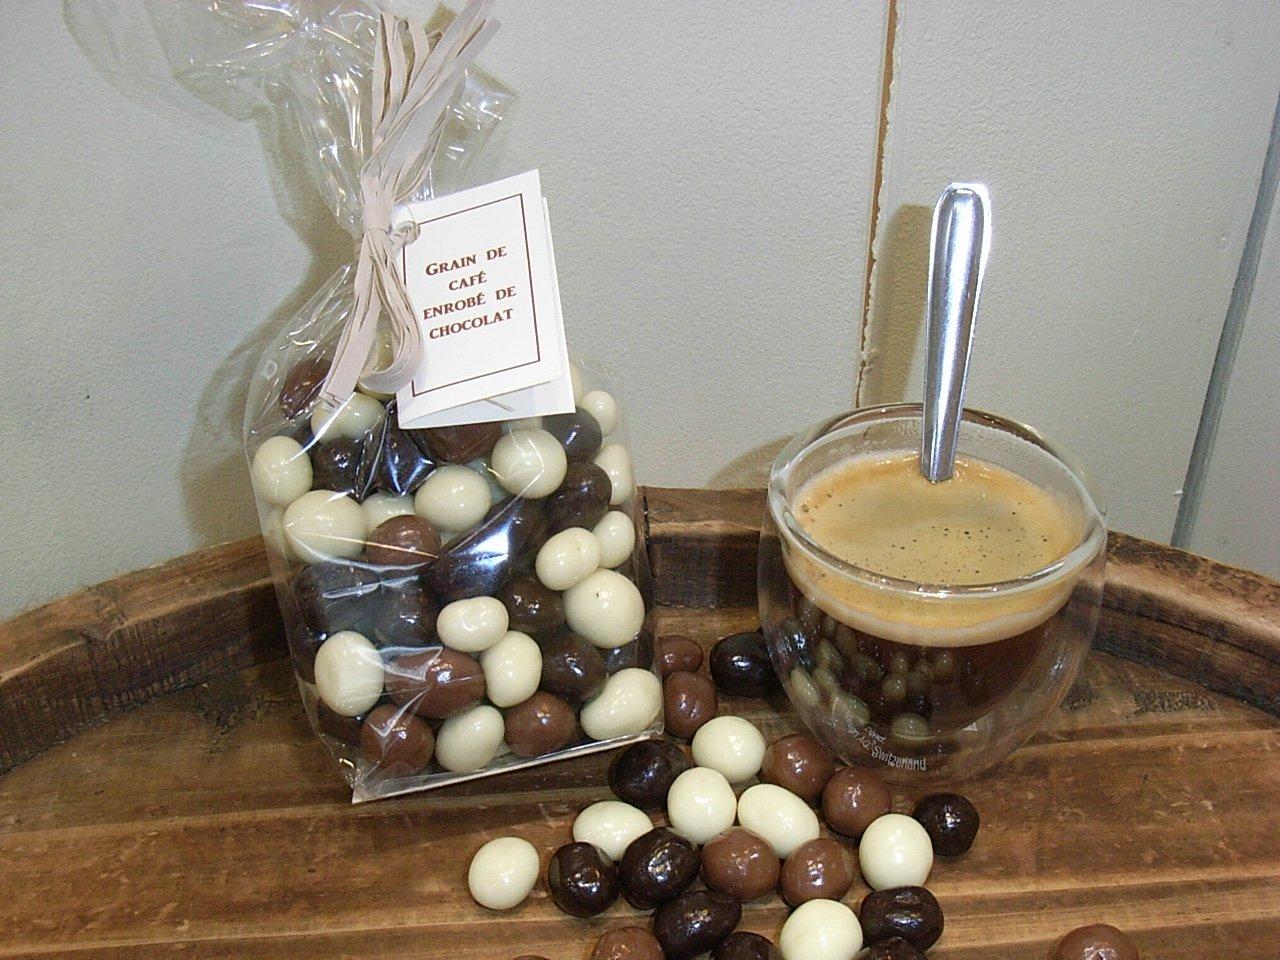 Grains de cafré enrobés de chocolat